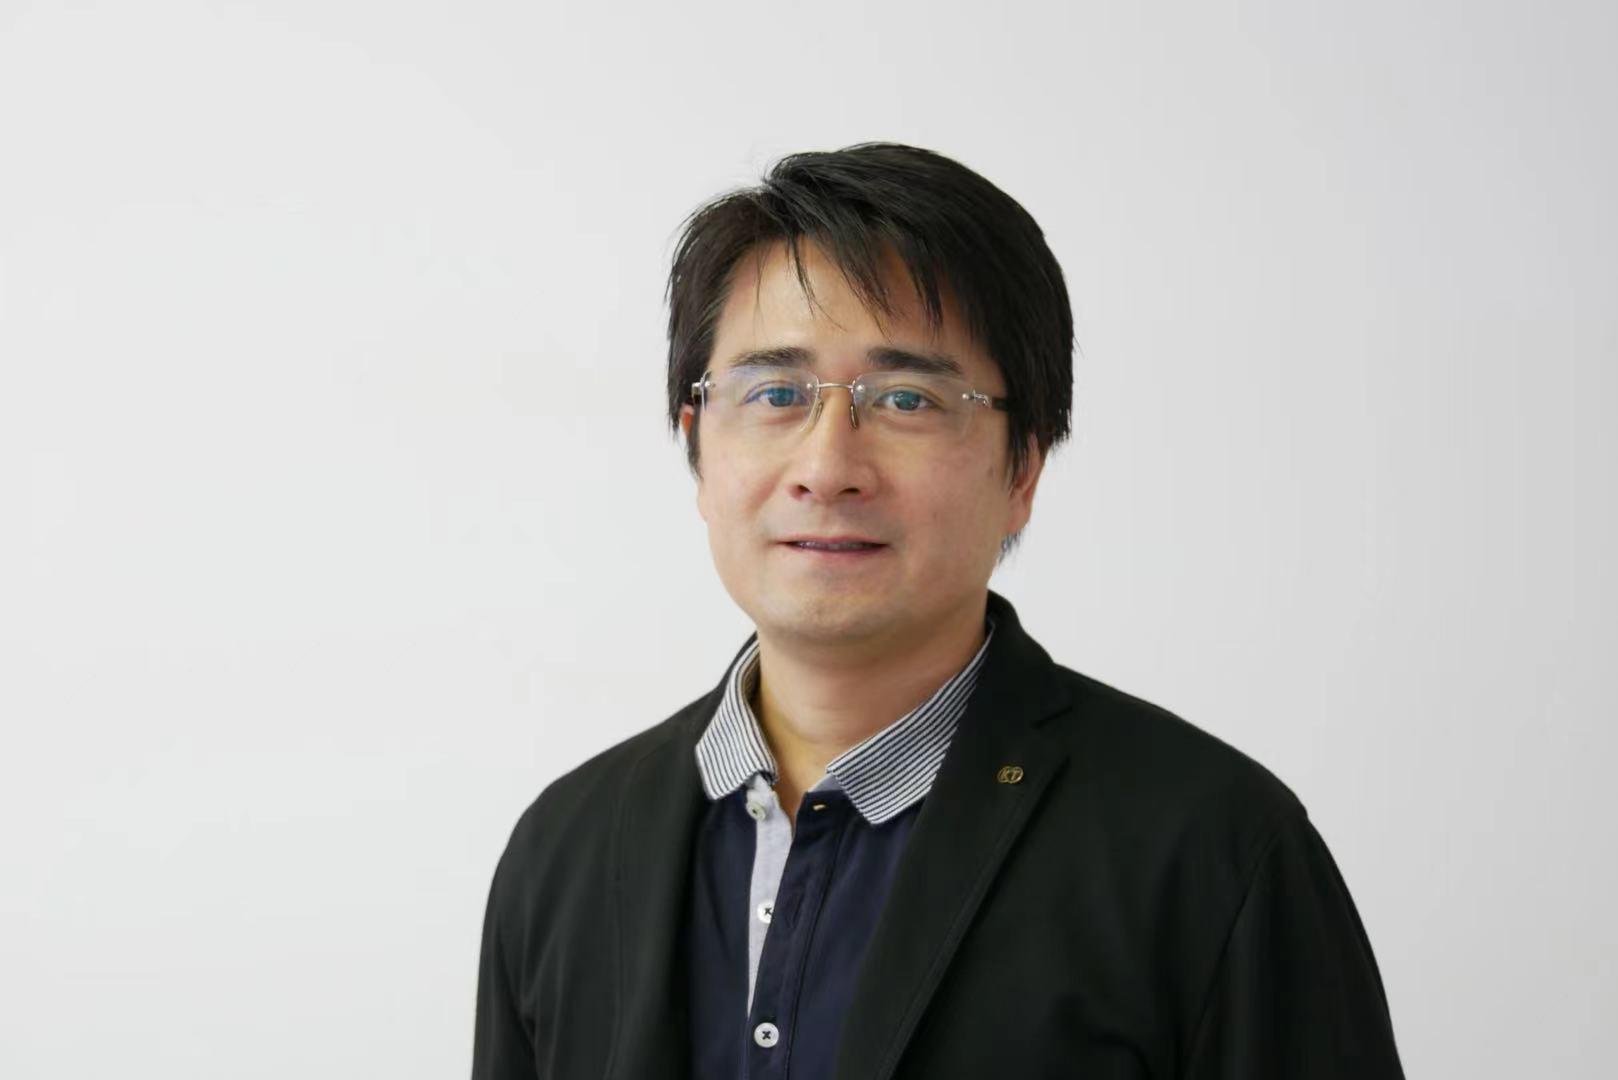 《真·三国无双 霸》制作人铃木亮浩专访:原汁原味的一骑当千是最低要求